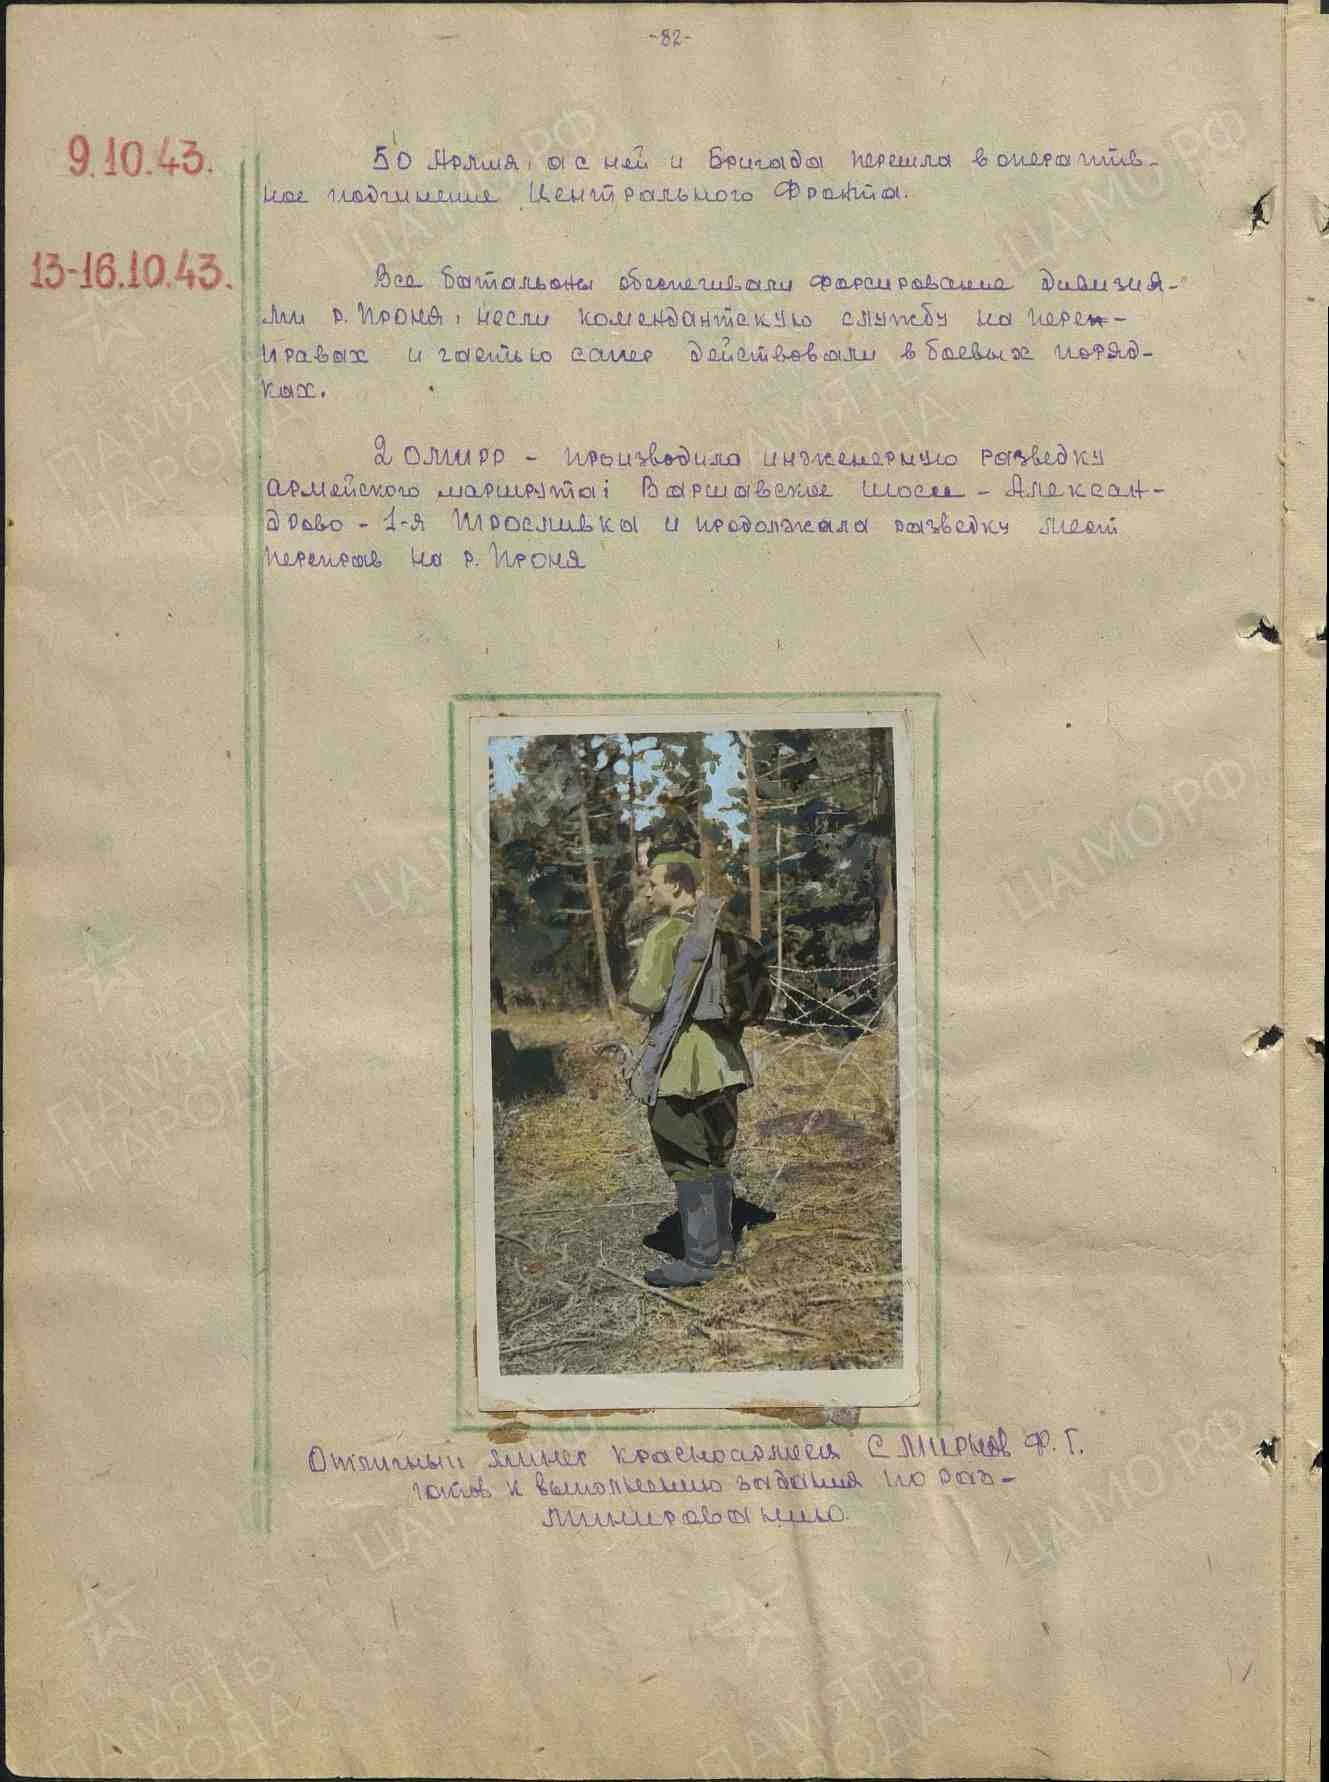 Журнал боевых действий 2-ой штурмовой инженерно-сапёрной бригады